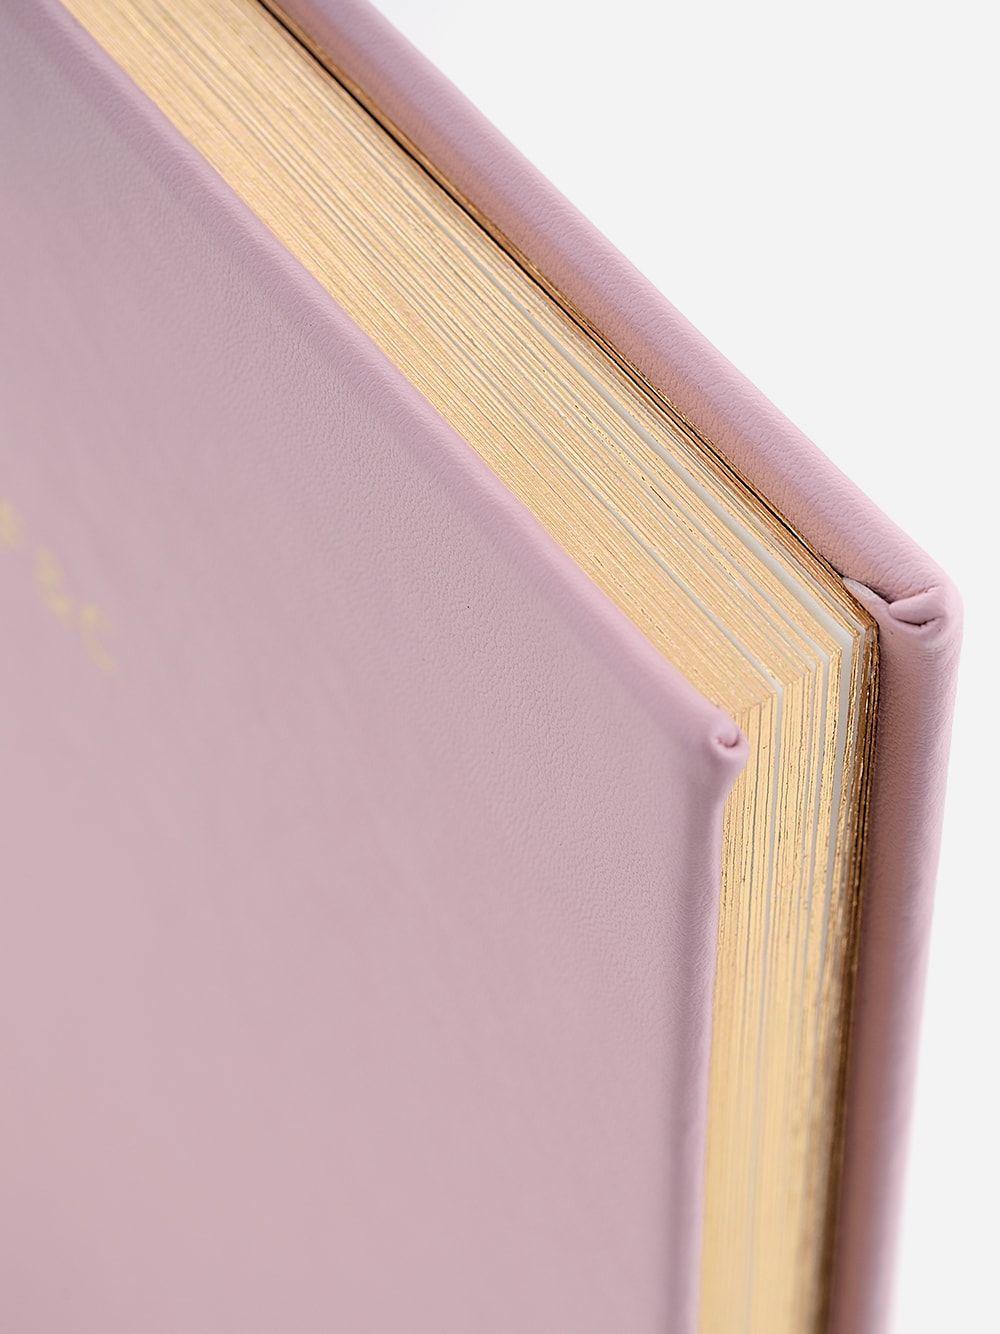 Ballerina Notebook | Fine & Candy